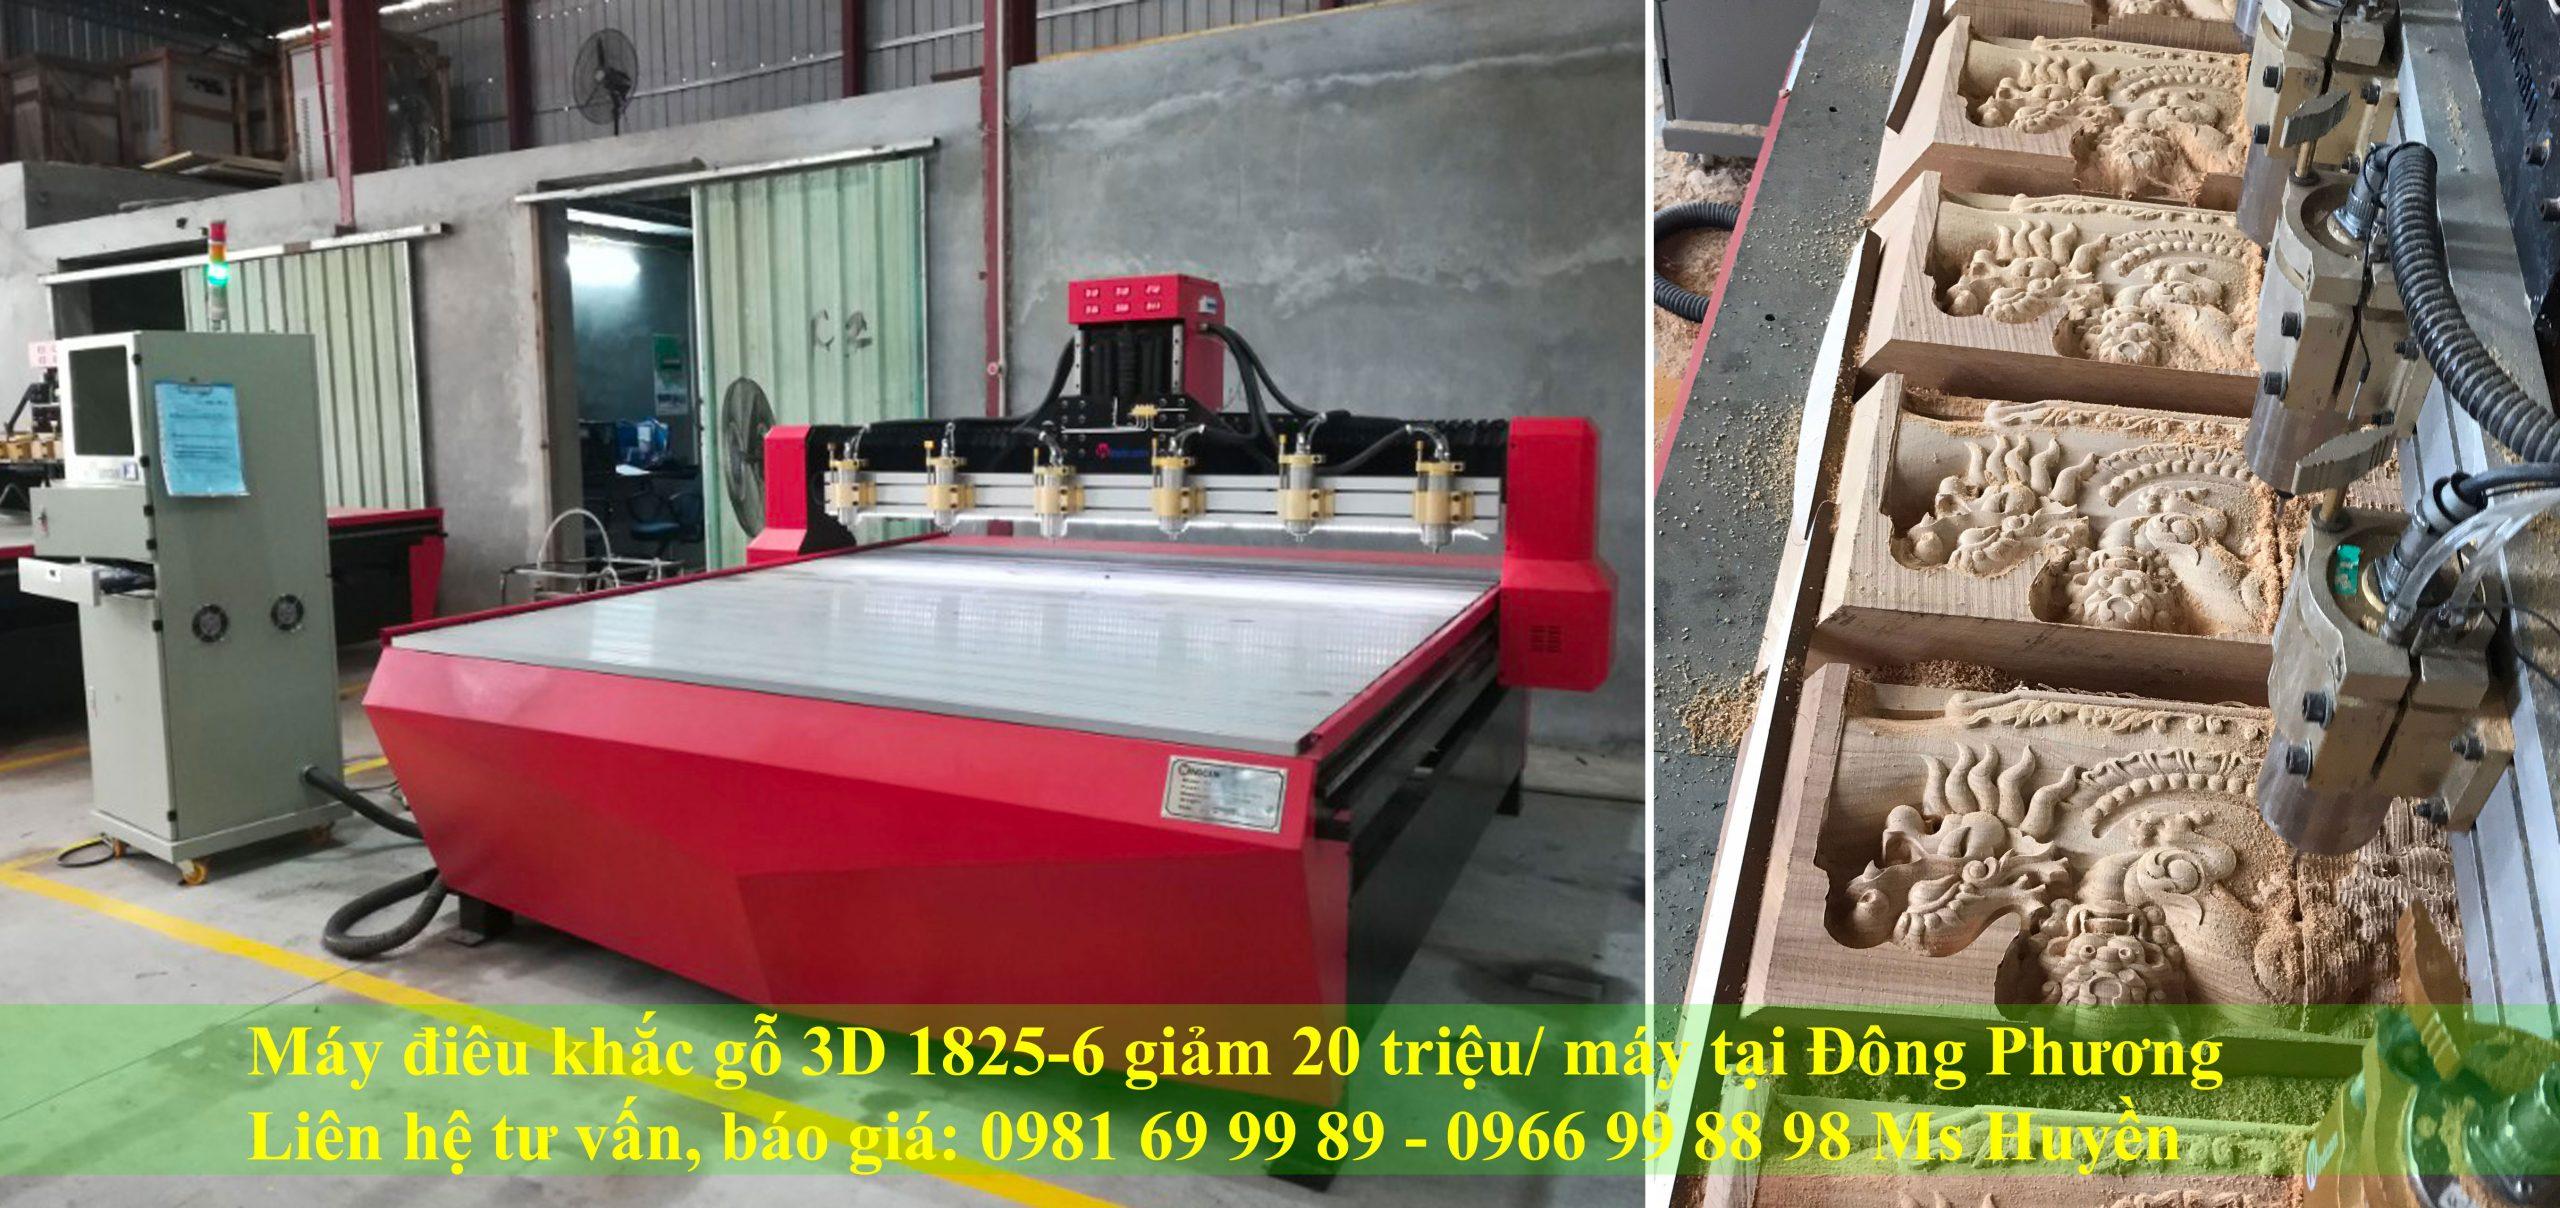 Đông Phương hợp tác cung cấp máy cnc gỗ cho các doanh nghiệp tại Bình Dương7